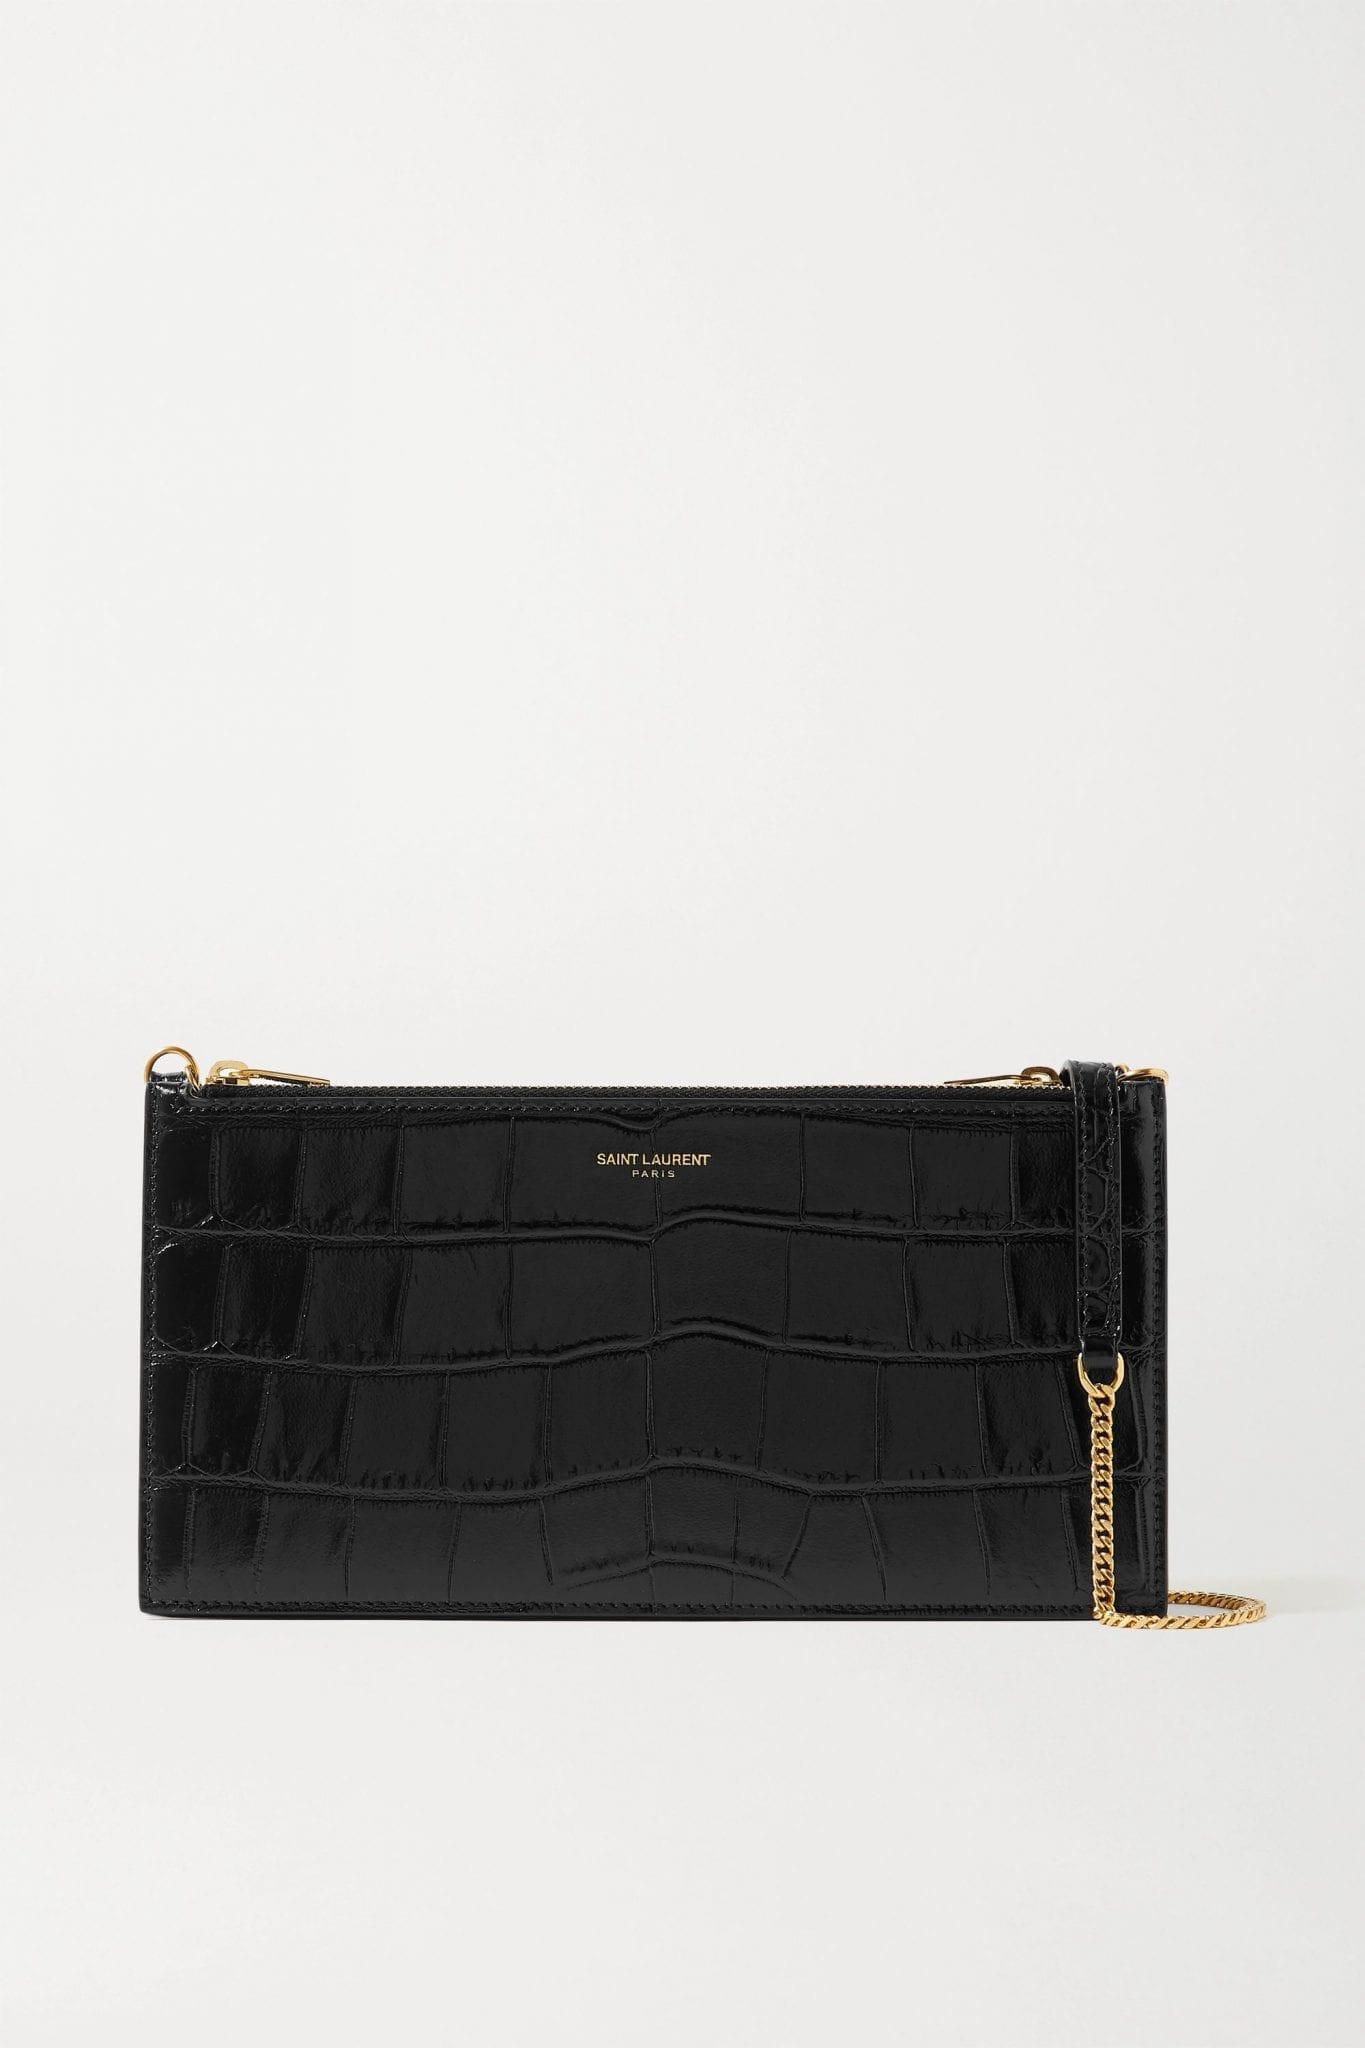 SAINT LAURENT Croc-effect Leather Shoulder Bag